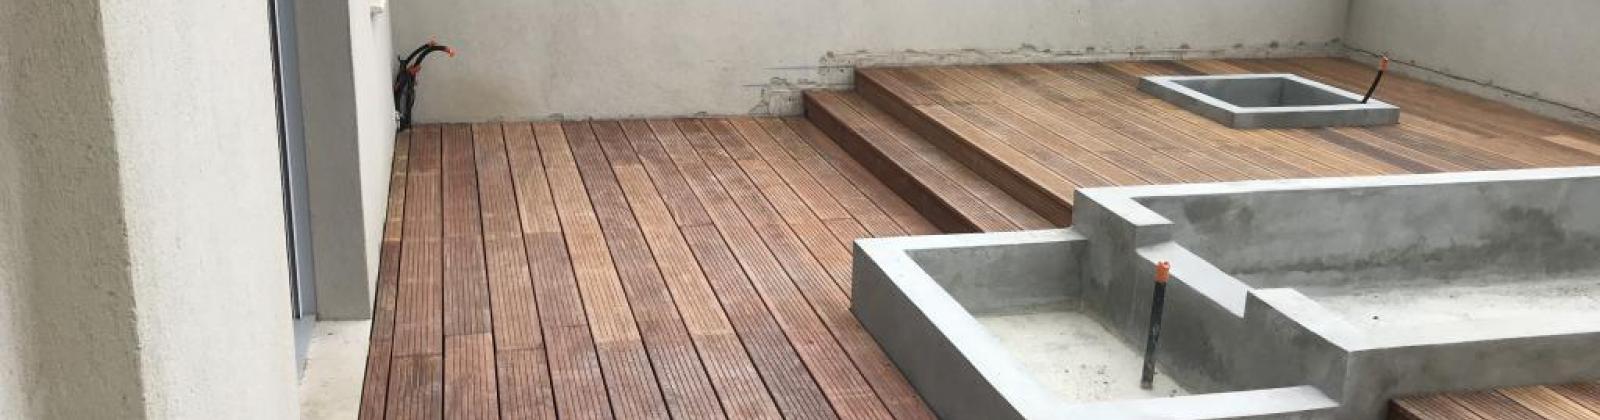 Comment construire une terrasse en bois dans son jardin ?